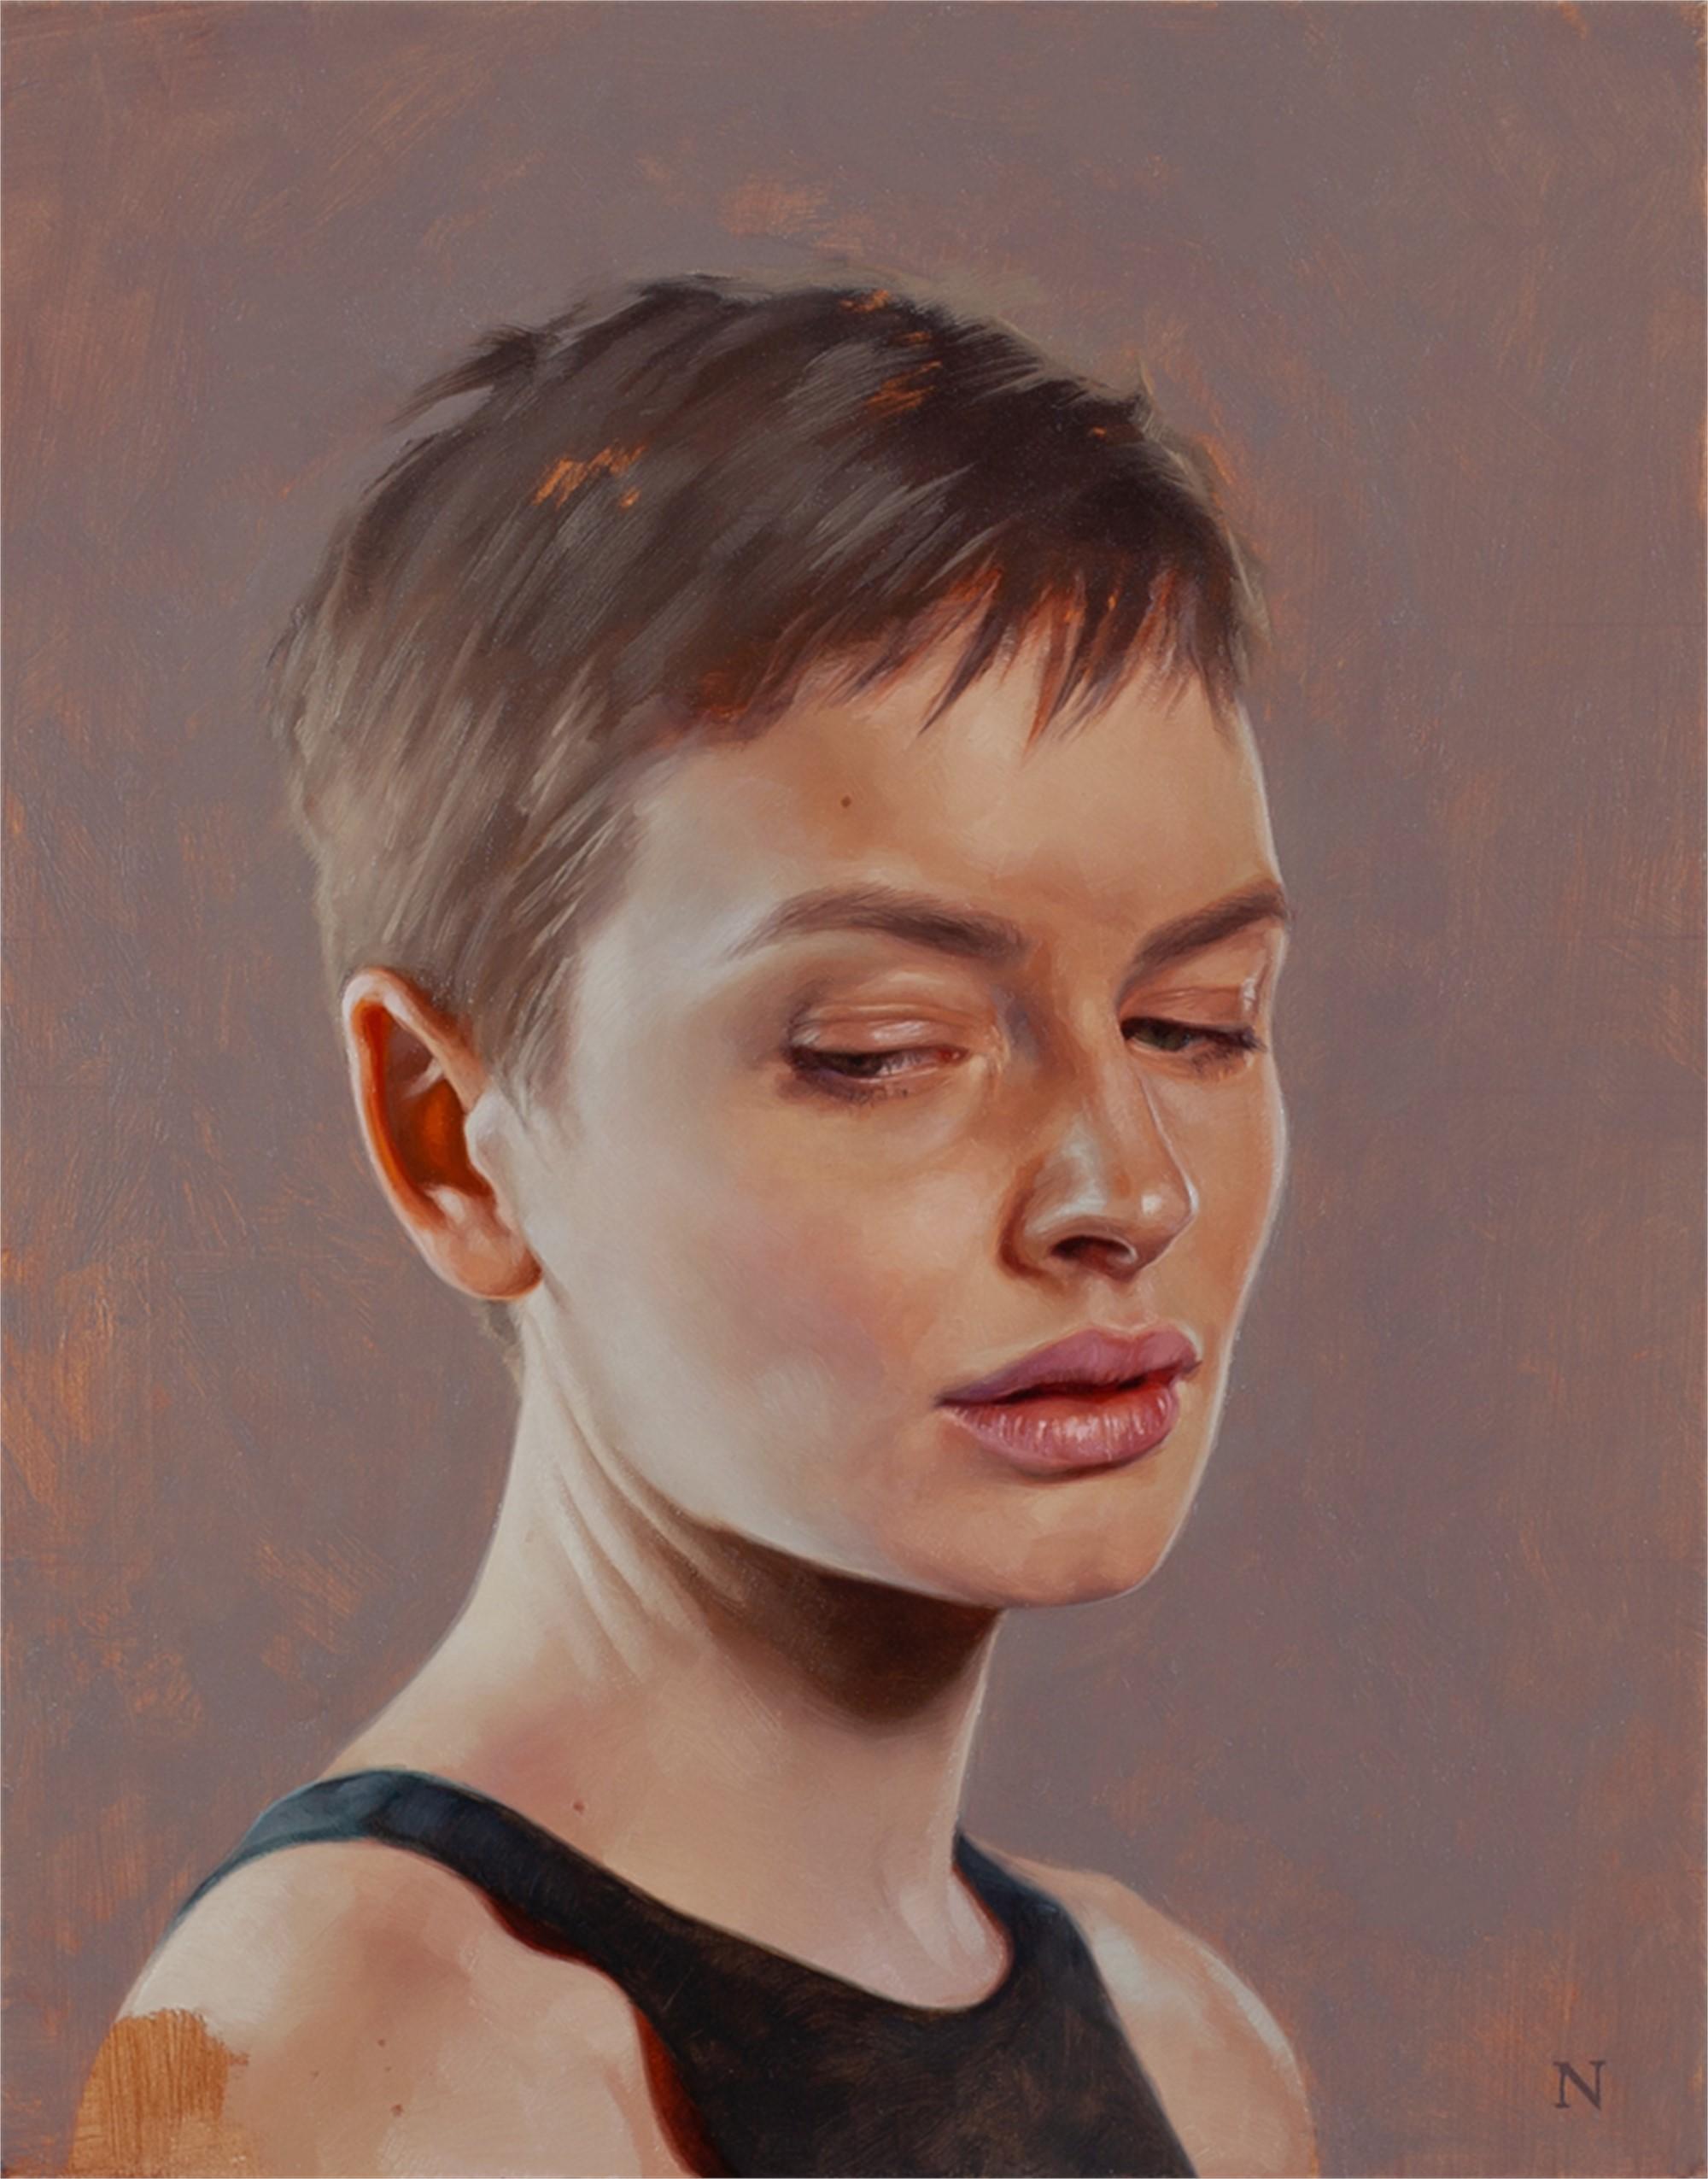 Portrait of Brooke by Aaron Nagel